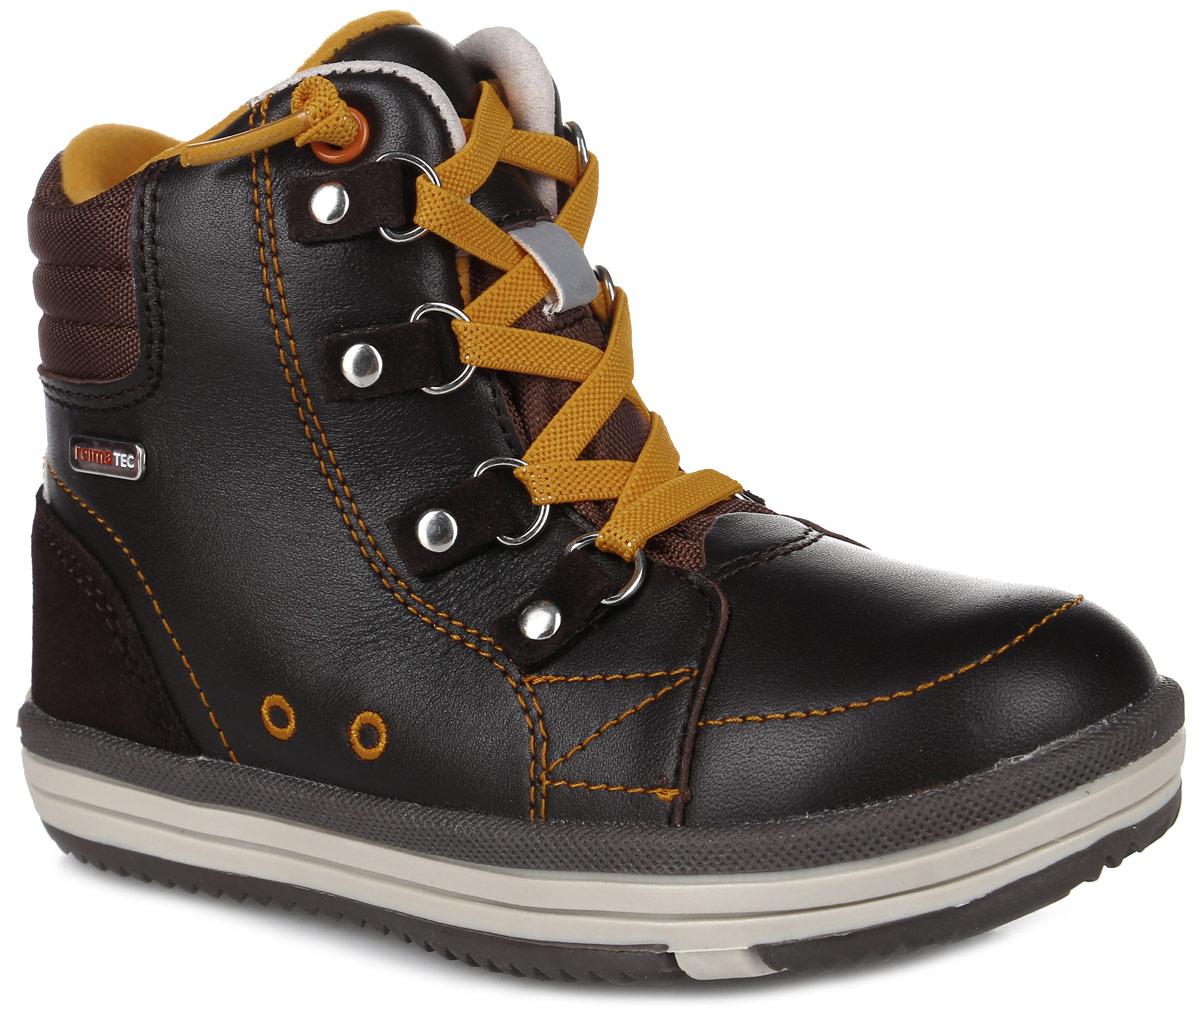 569285-1320Стильные ботинки от Reima Weather выполнены из натуральной кожи, задник оформлен вставкой из замши и логотипом бренда. Классическая шнуровка надежно зафиксирует изделие на ноге. Подкладка и стелька выполнены из текстиля, что обеспечивает комфорт и уют ногам. Язычок декорирован тиснением в виде логотипа бренда. Подошва изготовлена из прочного материала, обеспечивающего длительную носку и хорошее сцепление с любой поверхностью. В комплекте предусмотрена дополнительная пара шнурков.